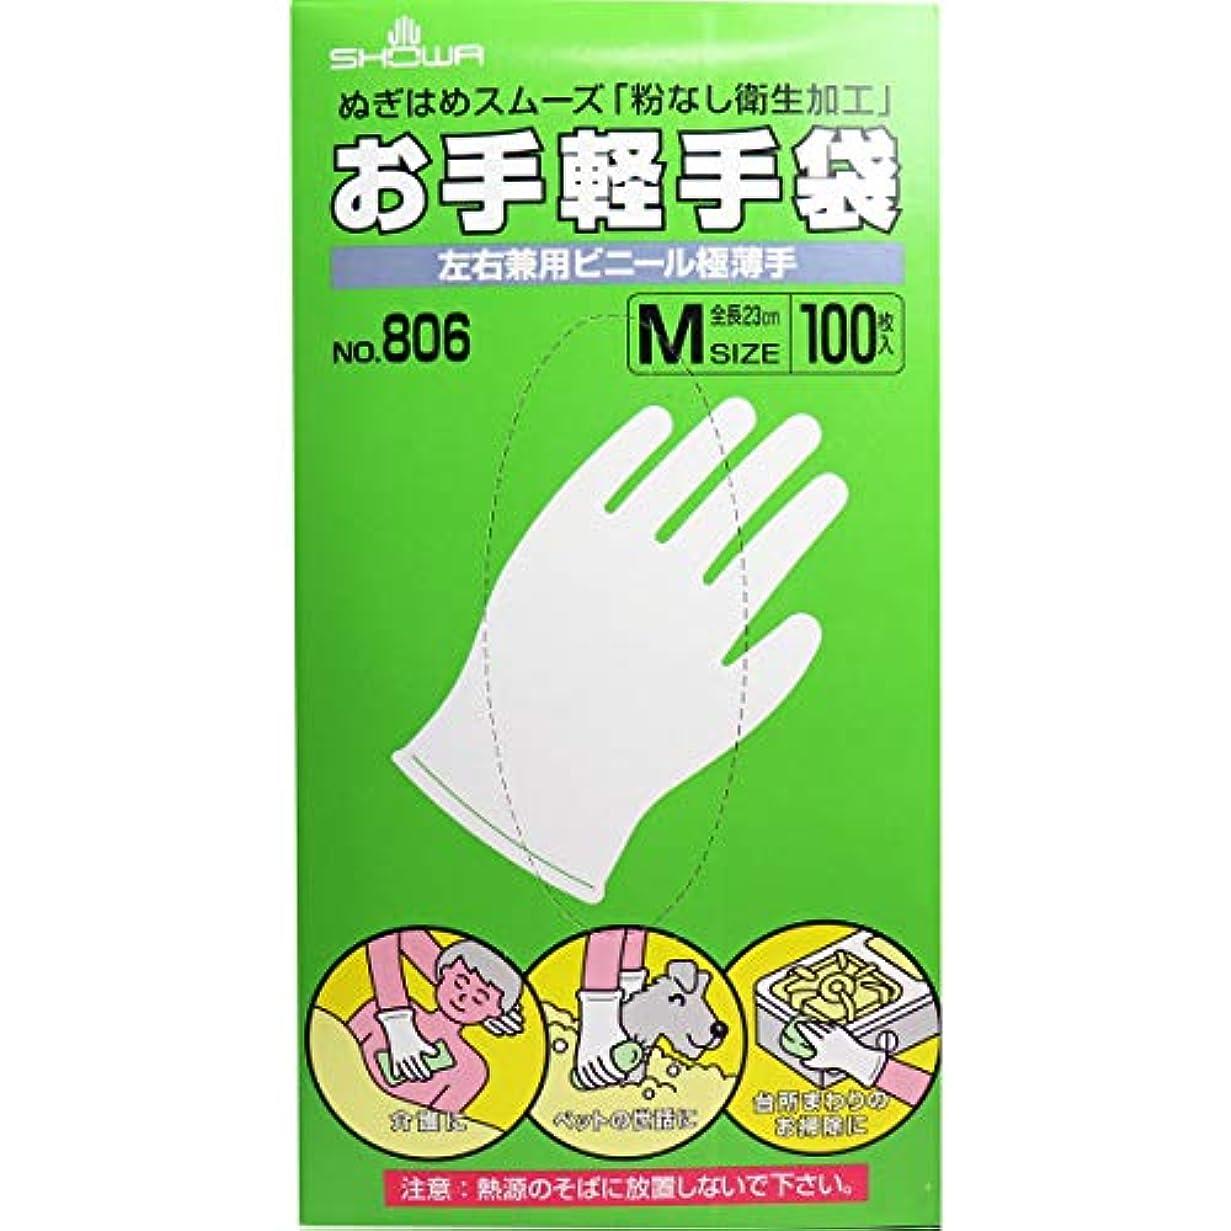 悲観的ワーカー一貫したお手軽手袋 No.806 左右兼用ビニール極薄手 粉なし Mサイズ 100枚入×5個セット(管理番号 4901792033596)